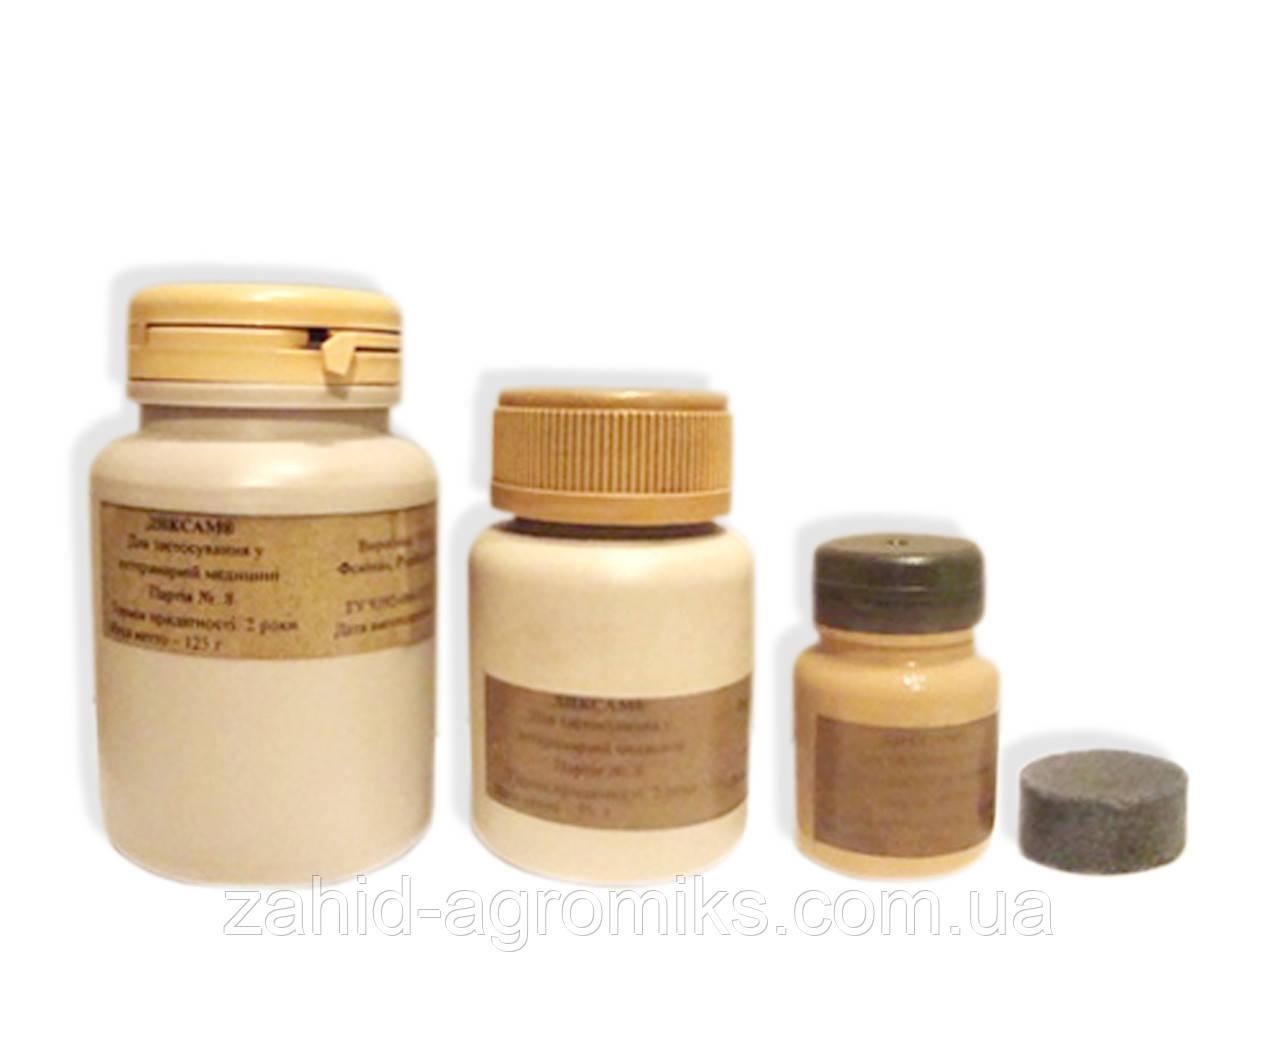 Диксам (средство для аэрозольной дезинфиции и санации воздуха), йодная шашка